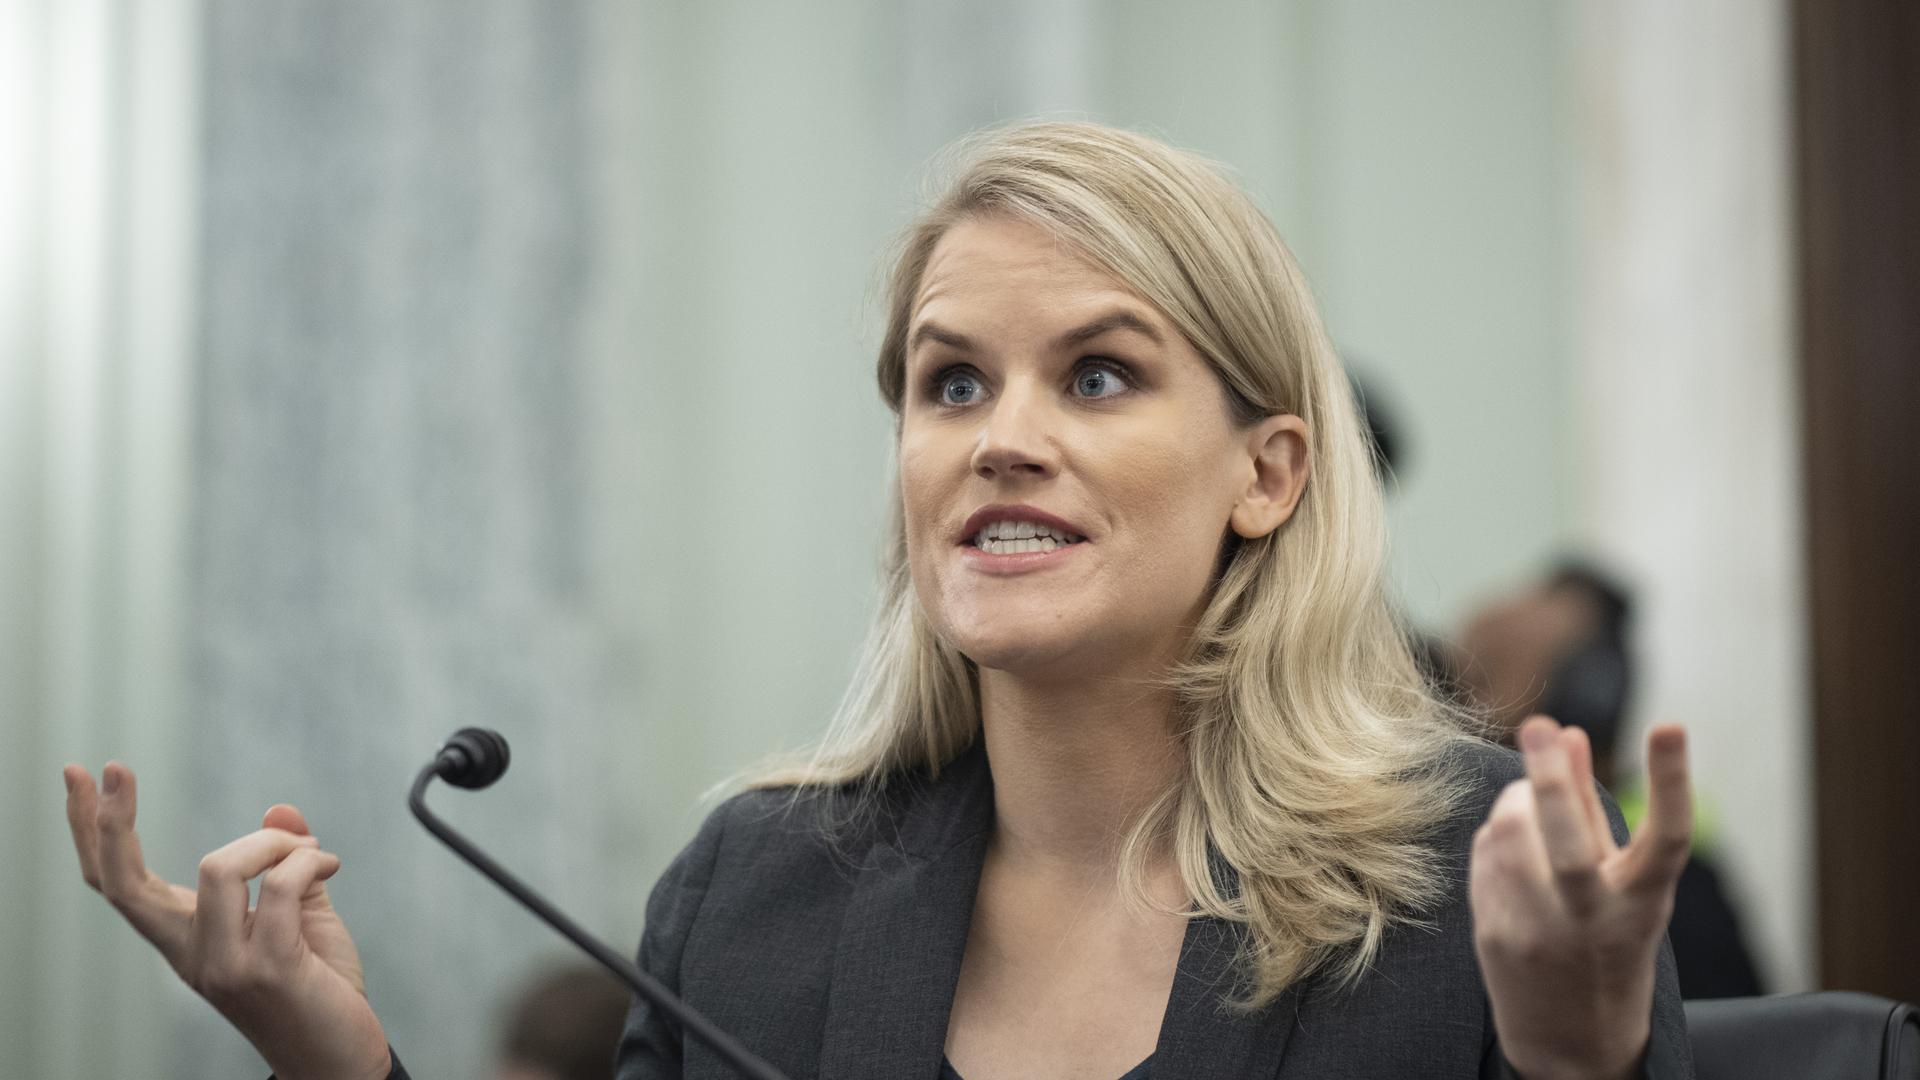 Frances Haugen, ehemalige Facebook-Mitarbeiterin und Whistleblowerin, sagt während einer Anhörung des Senatsausschusses für Handel, Wissenschaft und Verkehr auf dem Capitol Hill aus.